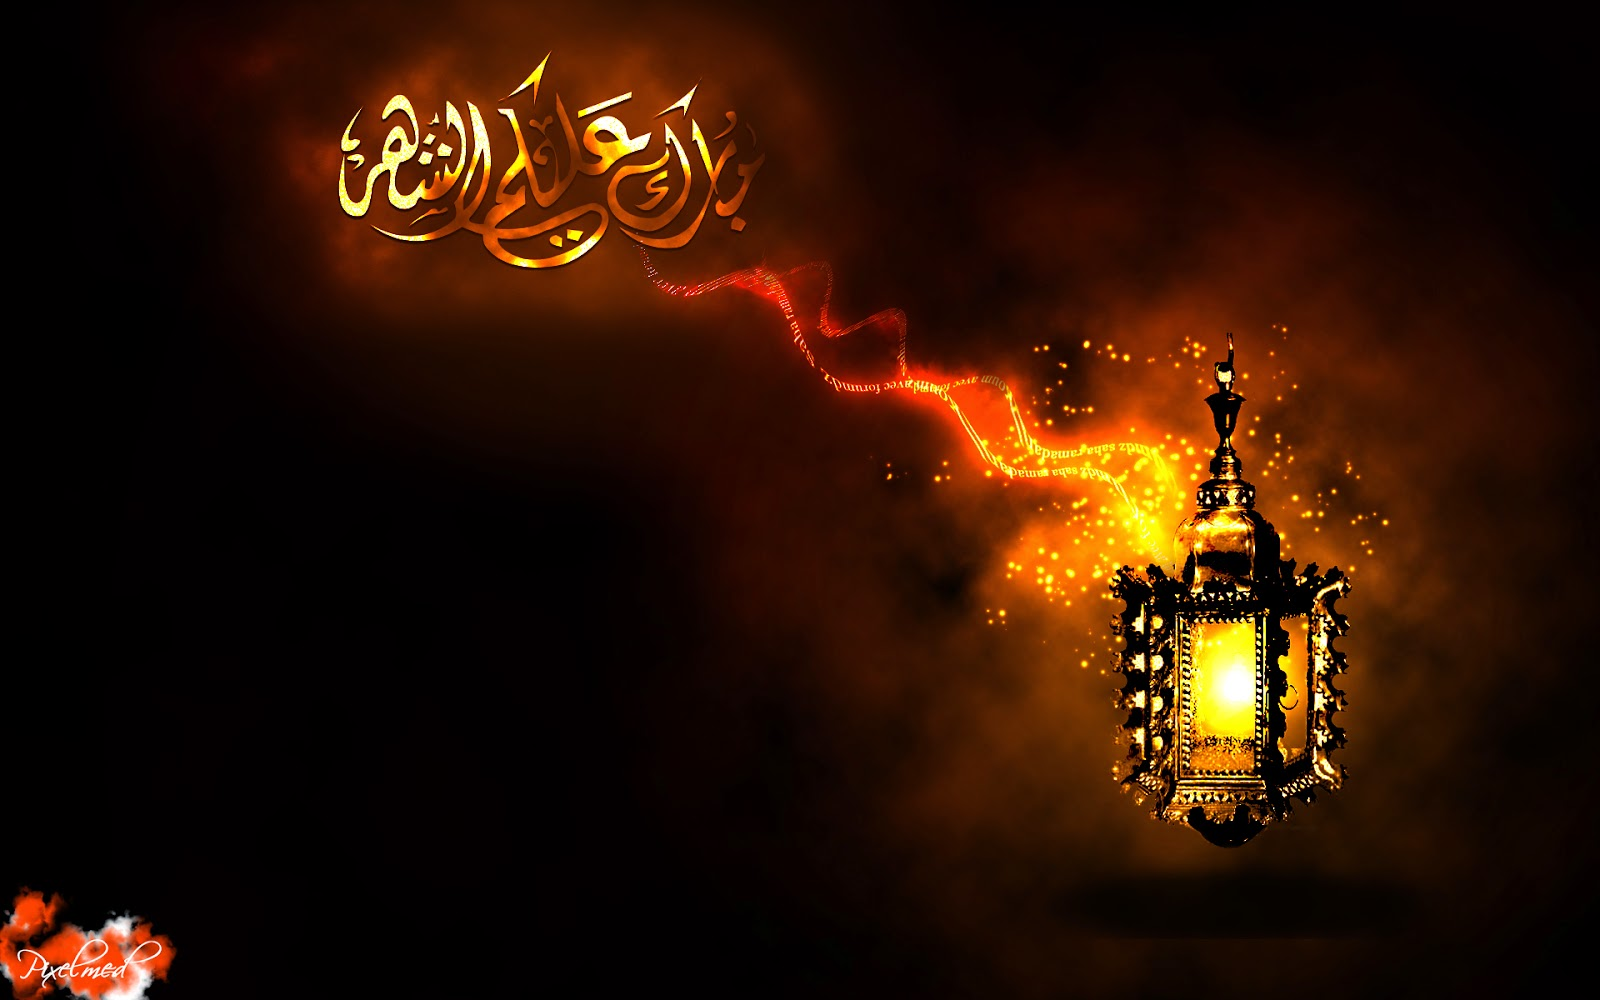 خلفيات رمضان كريم لسطح المكتب